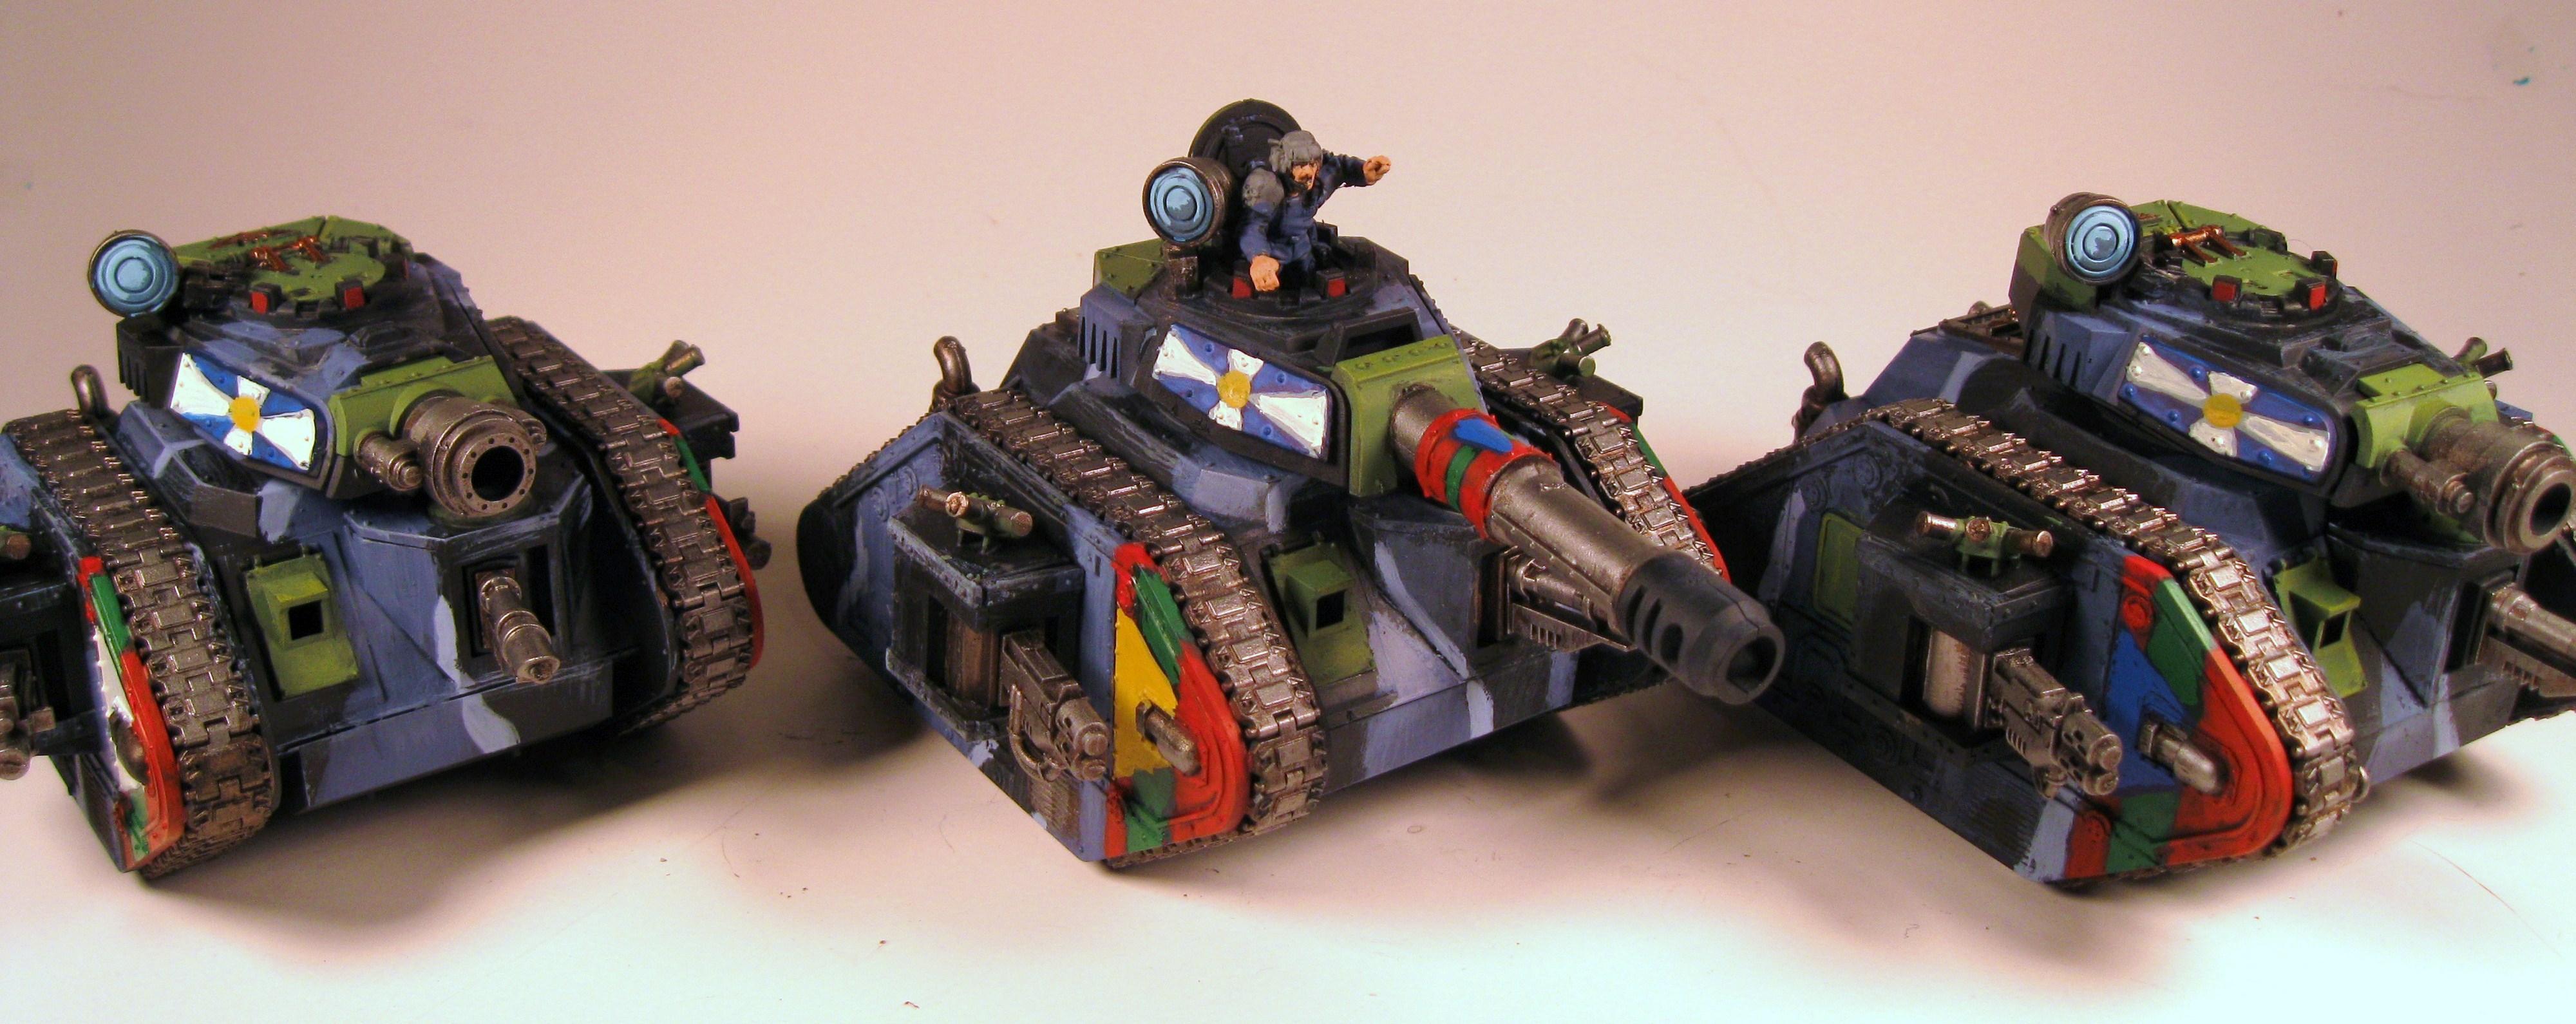 Imperial Guard, Leman Russ, Tank, Warhammer 40,000